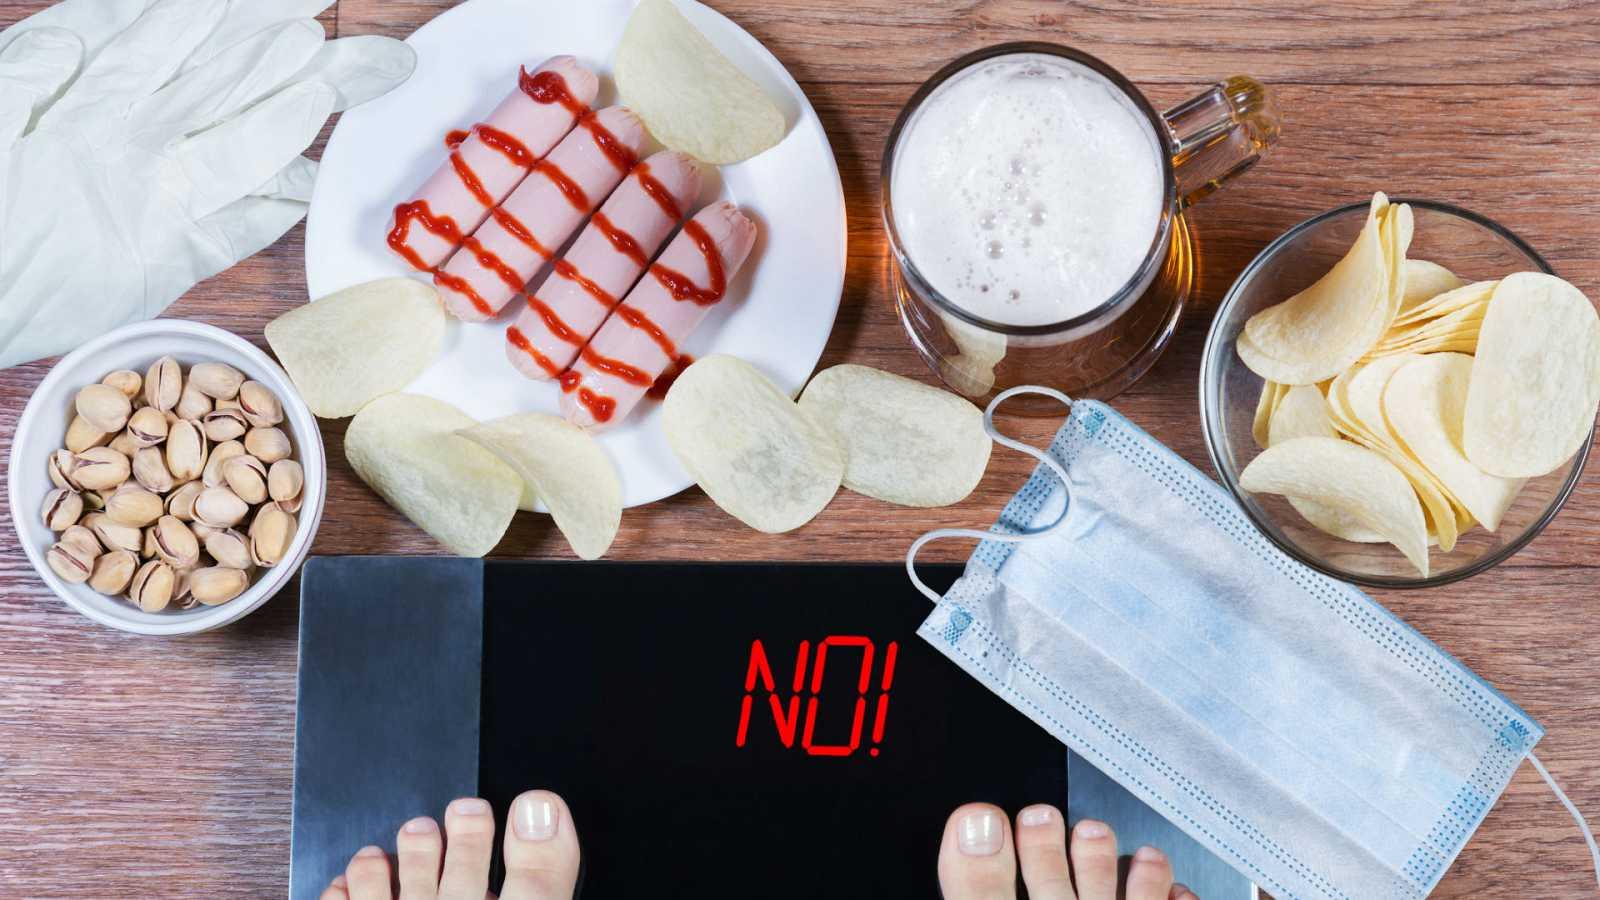 Alimento y salud - COVID-19 y obesidad - 24/05/20 - escuchar ahora